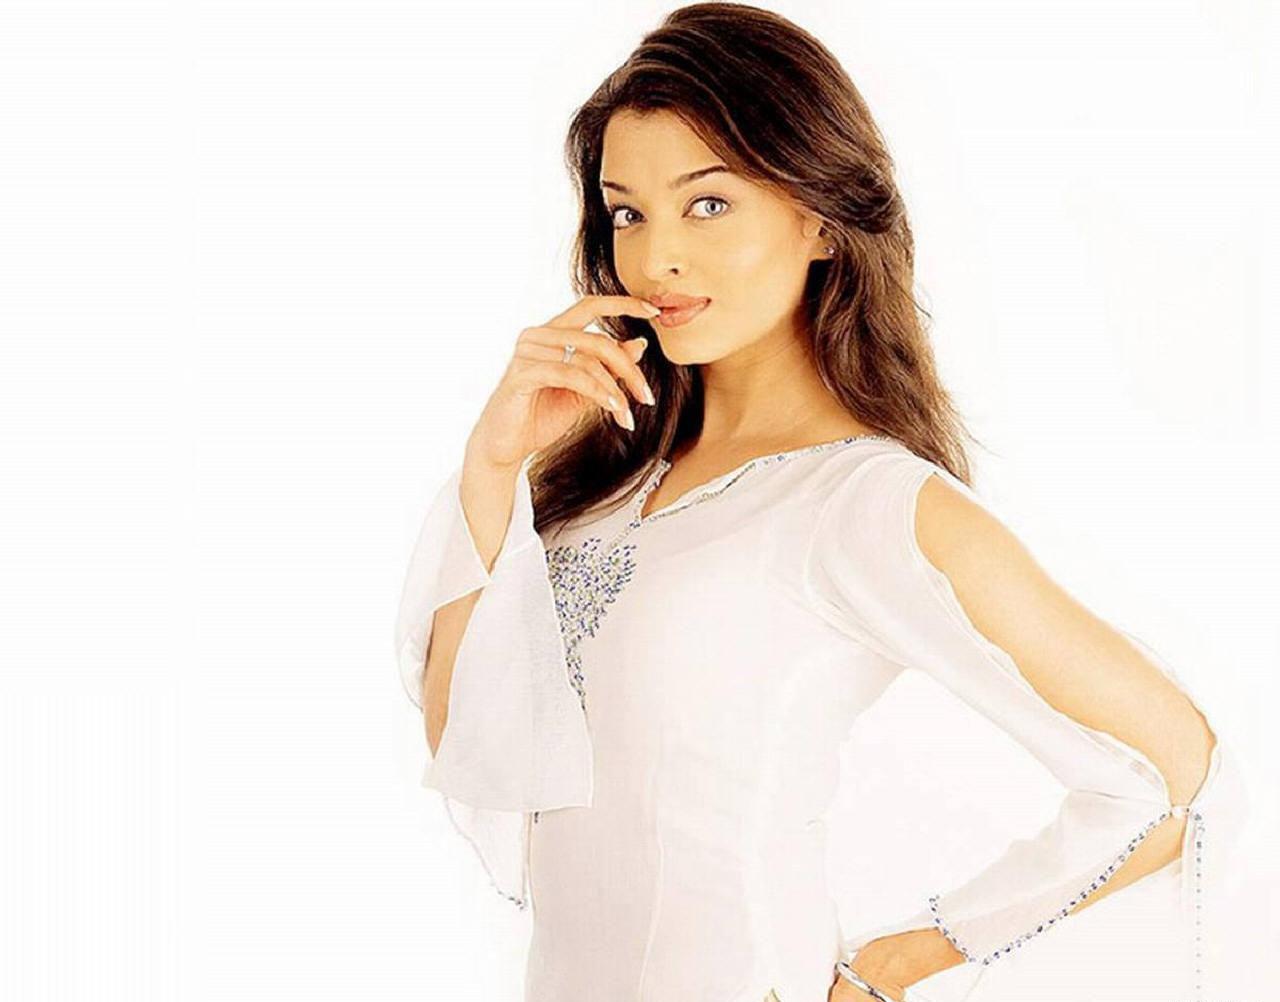 http://1.bp.blogspot.com/-pUfYFYINkMw/TcgZ1cN5dUI/AAAAAAAAAF4/Hzc0P32UDt4/s1600/Aishwarya-Rai-026-745304.jpg